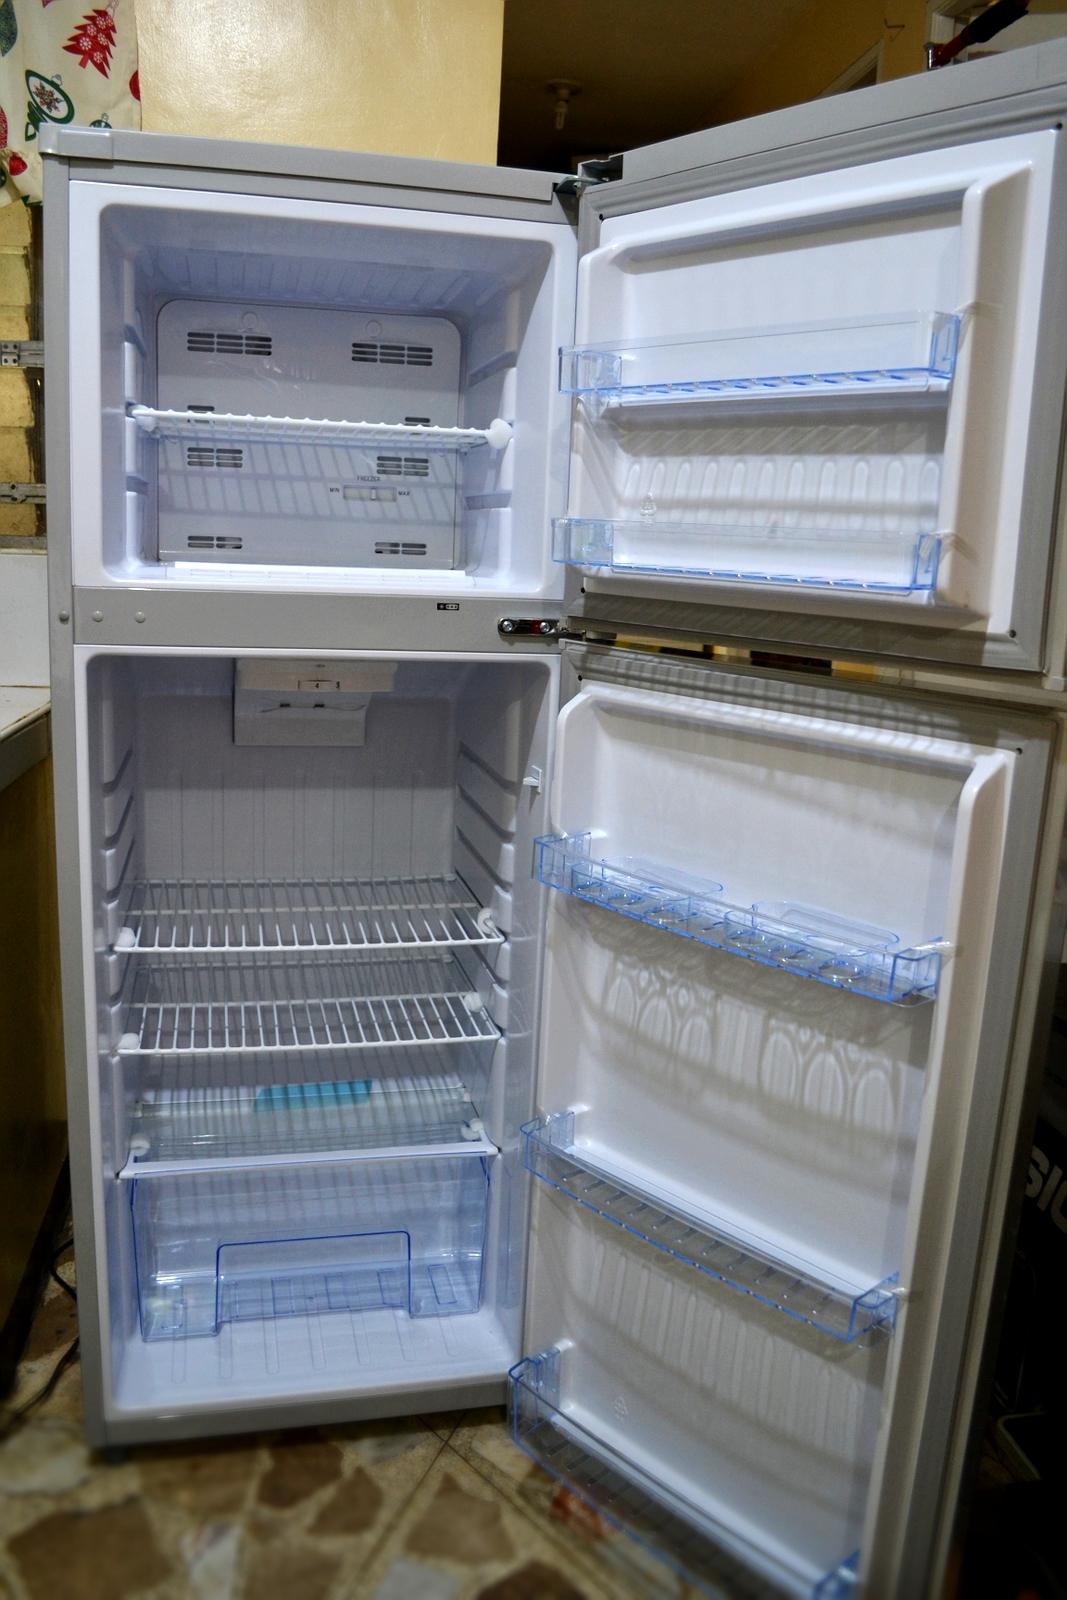 Холодильник самсунг с сухой заморозкой ремонт своими руками 25